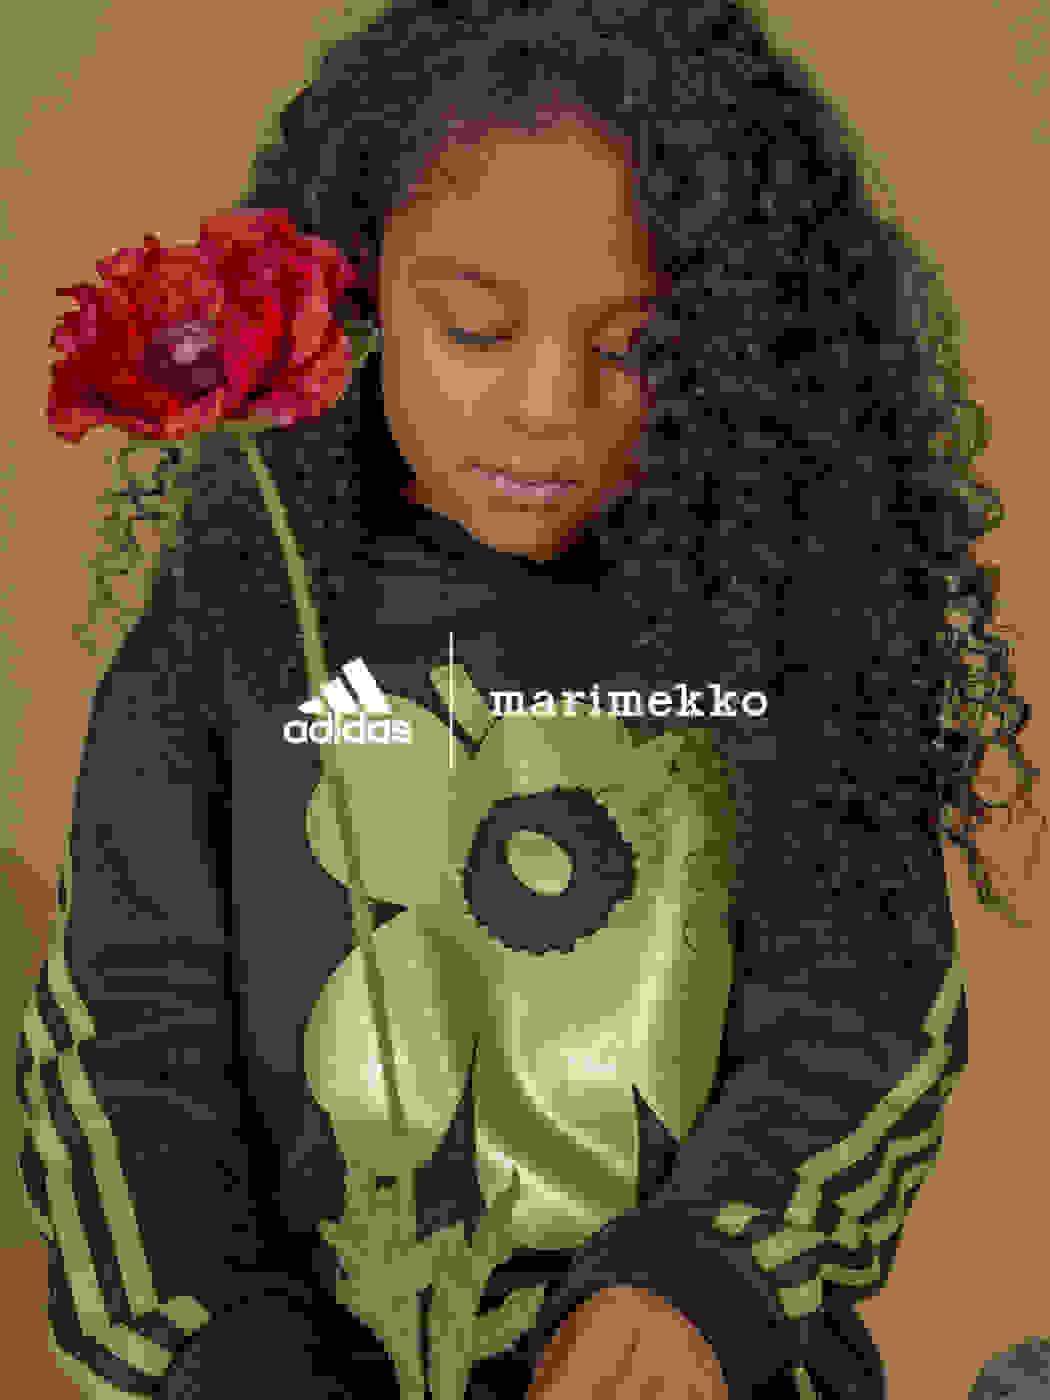 Child wearing adidas x Marimekko clothing